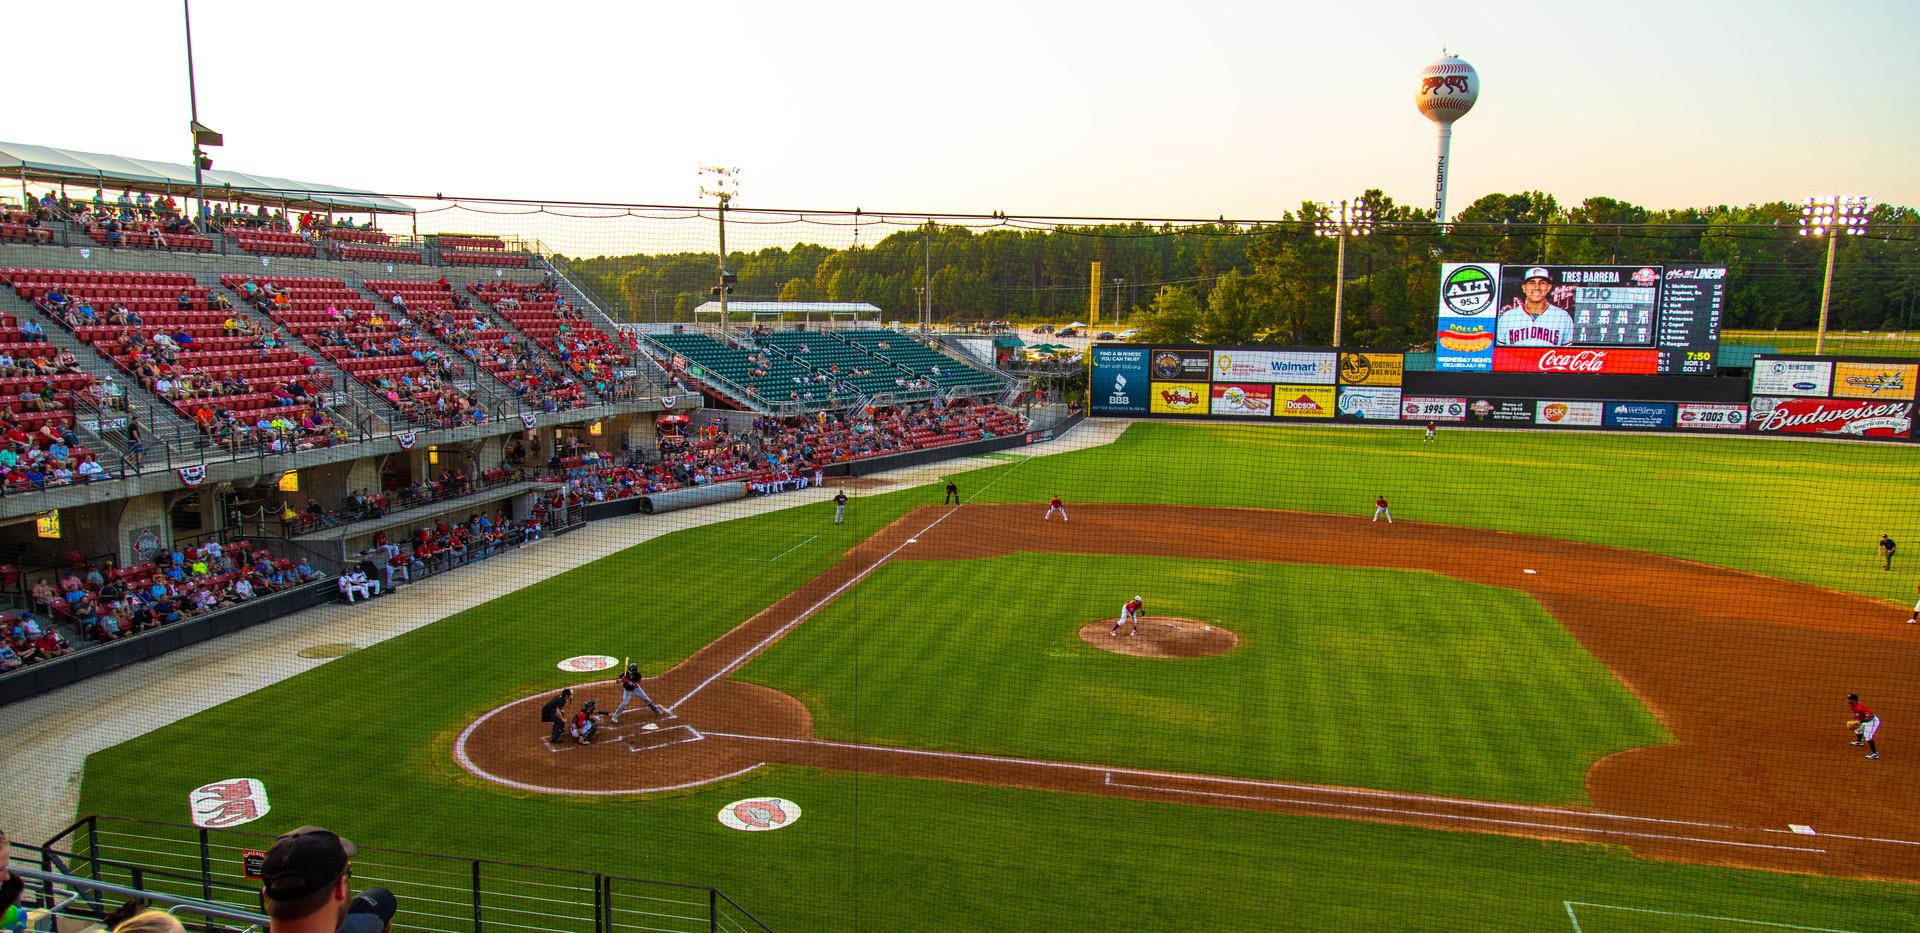 Five County Stadium